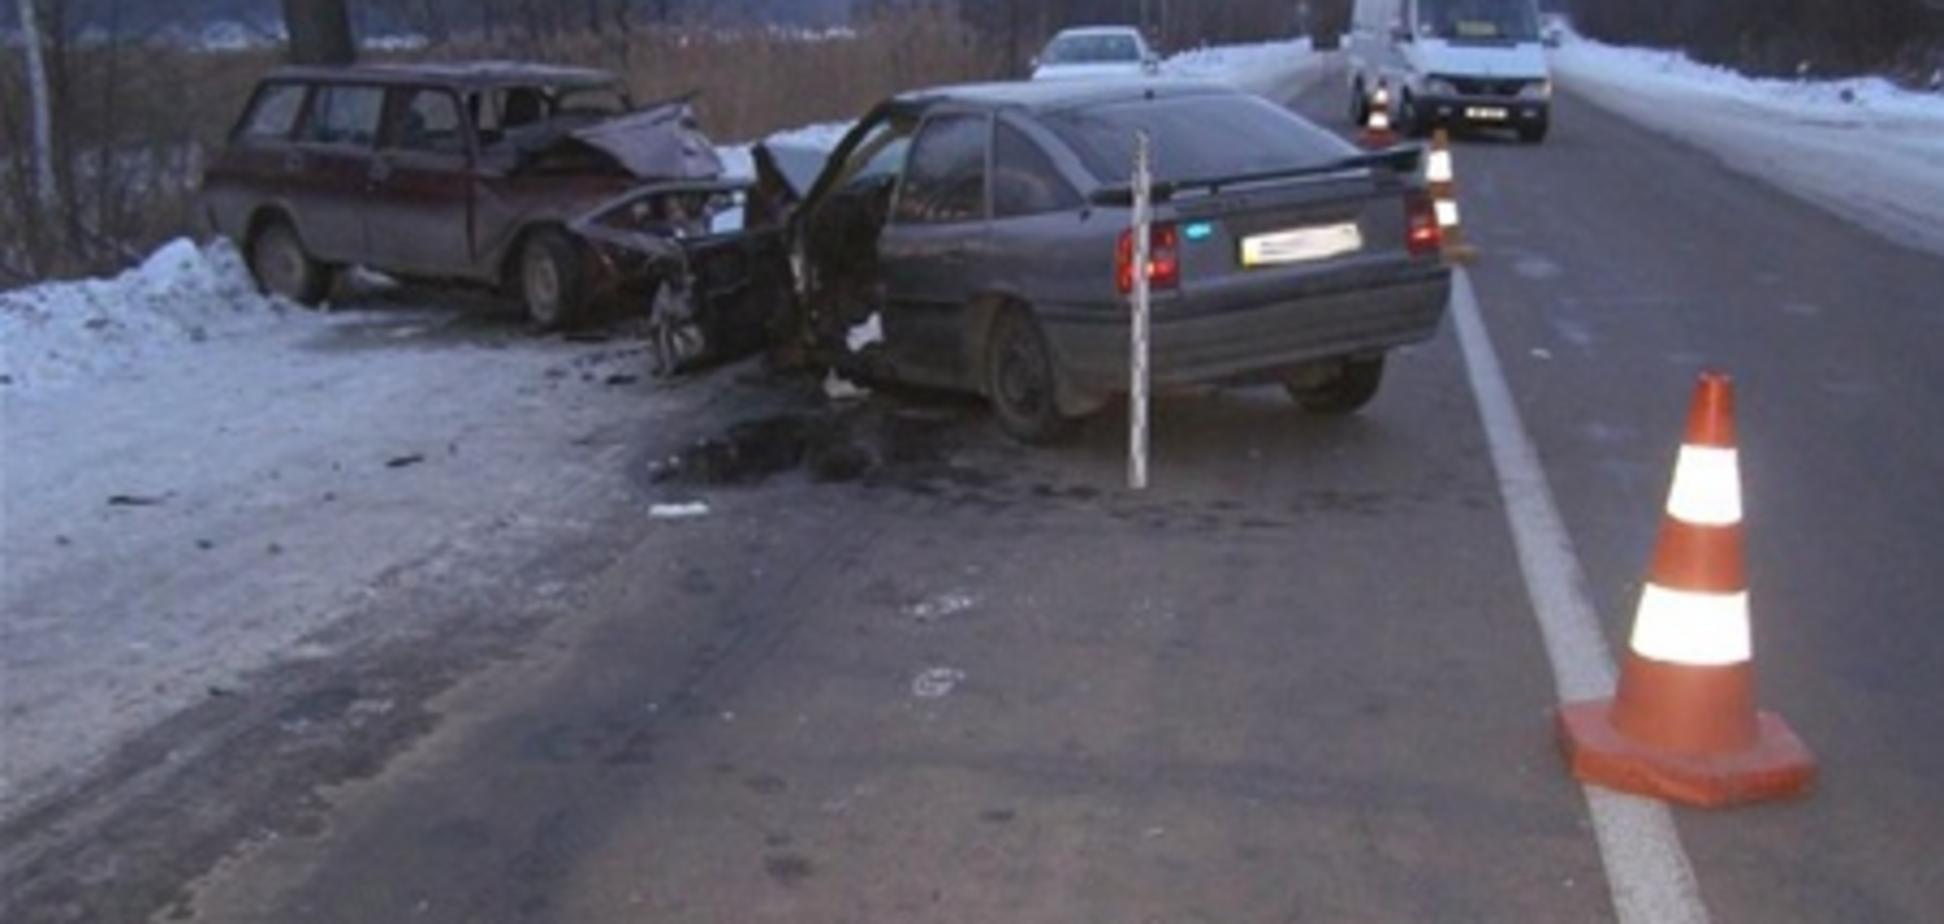 Ситуация на дорогах за 27 января: 43 ДТП, 5 погибших